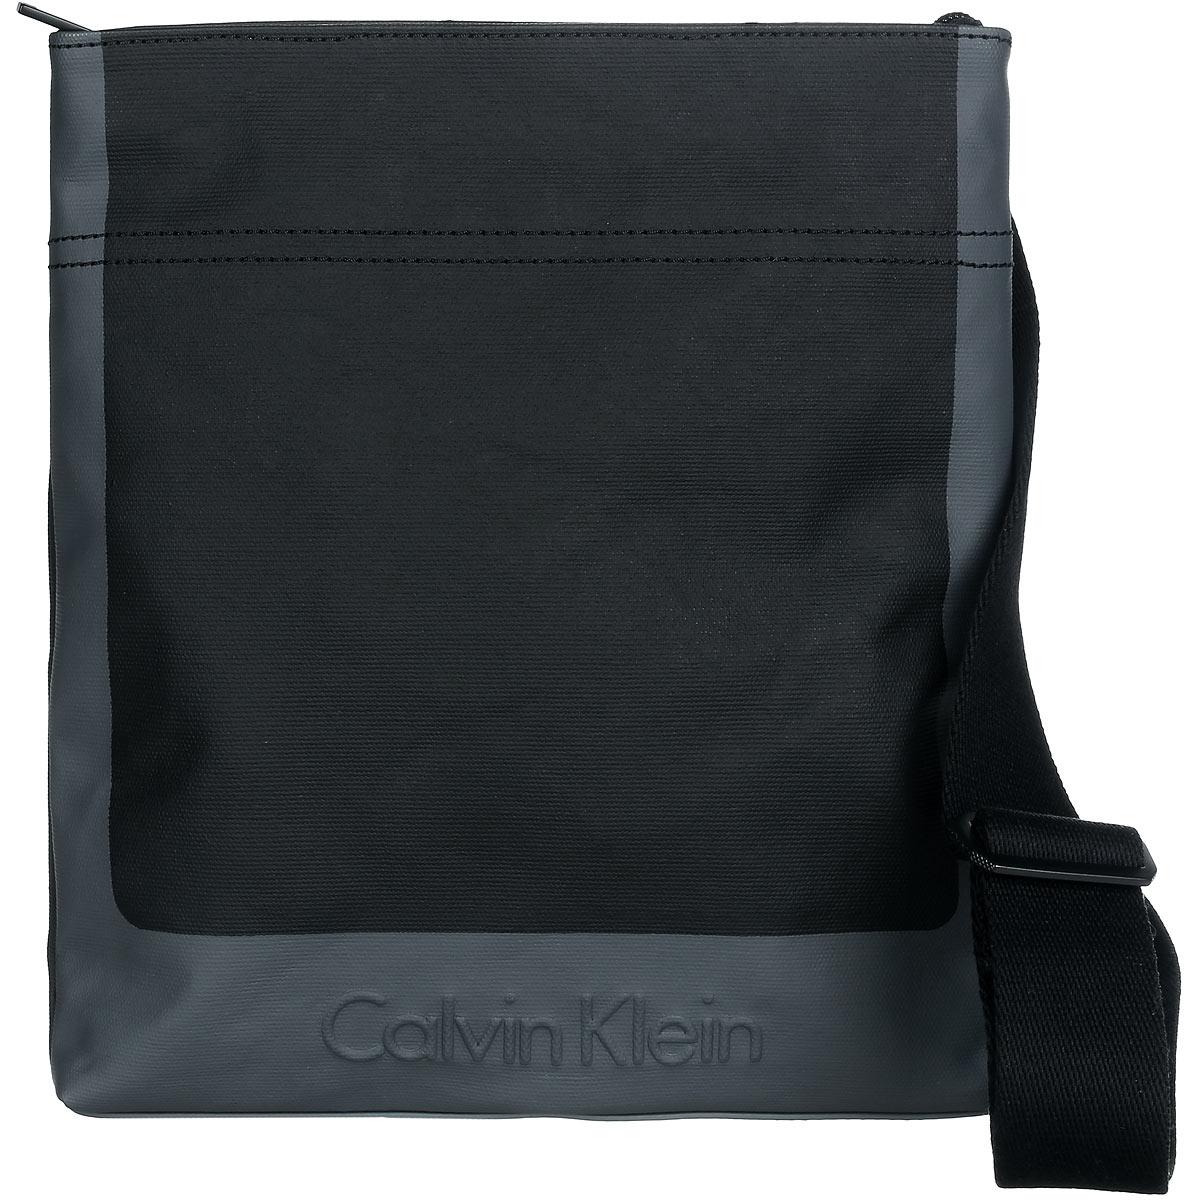 Сумка мужская Calvin Klein Jeans, цвет: черный, серый. K50K502156_0010K50K502156_0010Стильная сумка Calvin Klein выполнена из полиуретана и хлопка, оформлена тиснением в виде логотипа бренда. Изделие содержит одно отделение, которое закрывается на застежку-молнию. Внутри сумки размещены два накладных кармашка для мелочей и врезной карман на застежке-молнии. На задней стороне расположен открытый накладной кармашек. Сумка оснащена плечевым ремнем регулируемой длины. В комплекте с изделием поставляется чехол для хранения. Модная сумка идеально подчеркнет ваш неповторимый стиль.